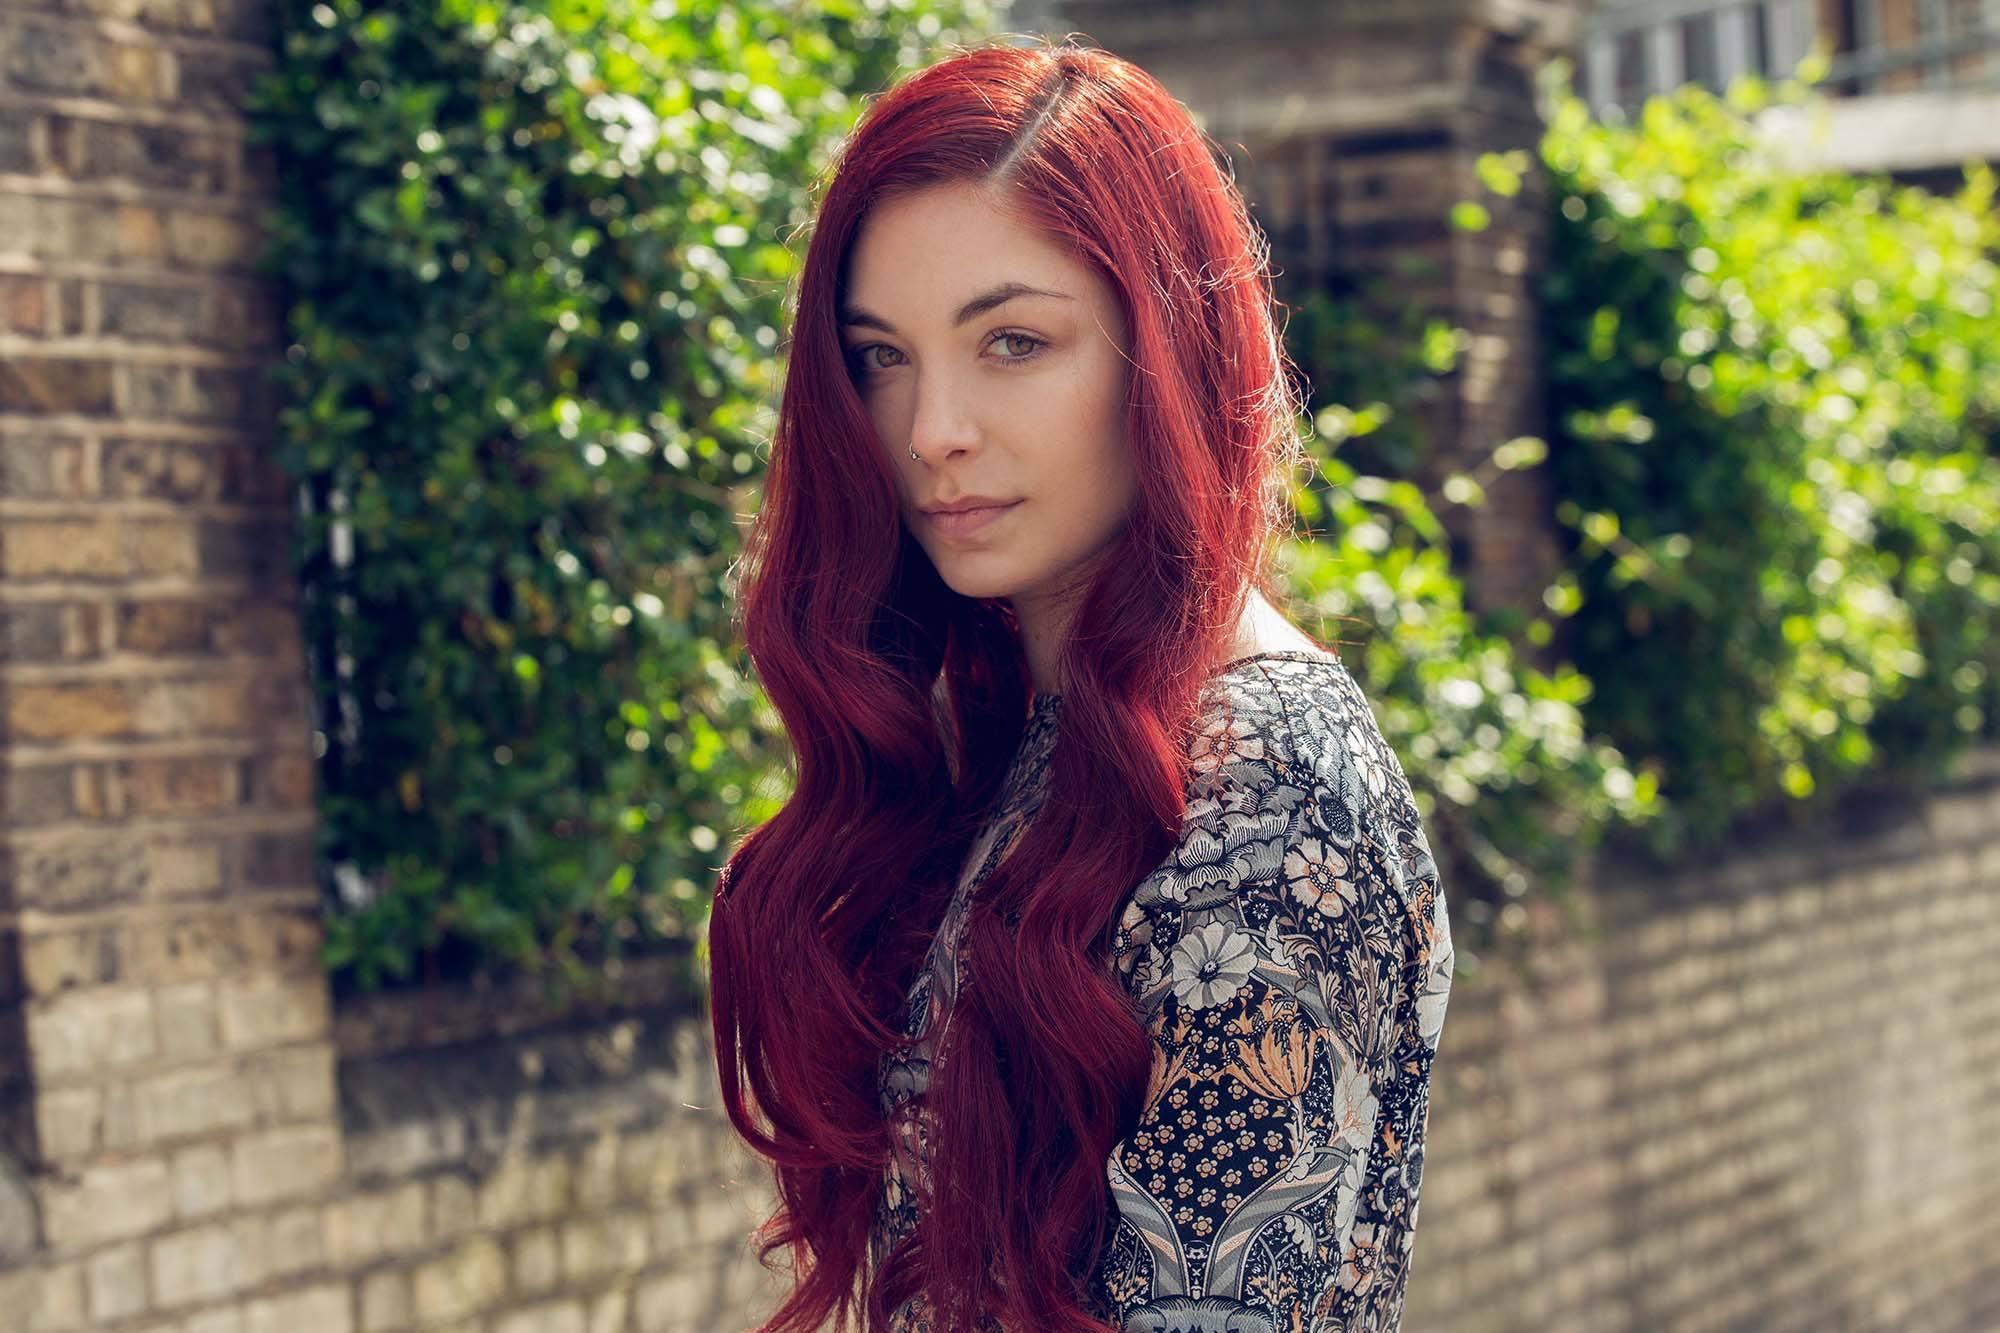 femme aux longs cheveux roux cerise avec un top à motifs ondulés et à côtés